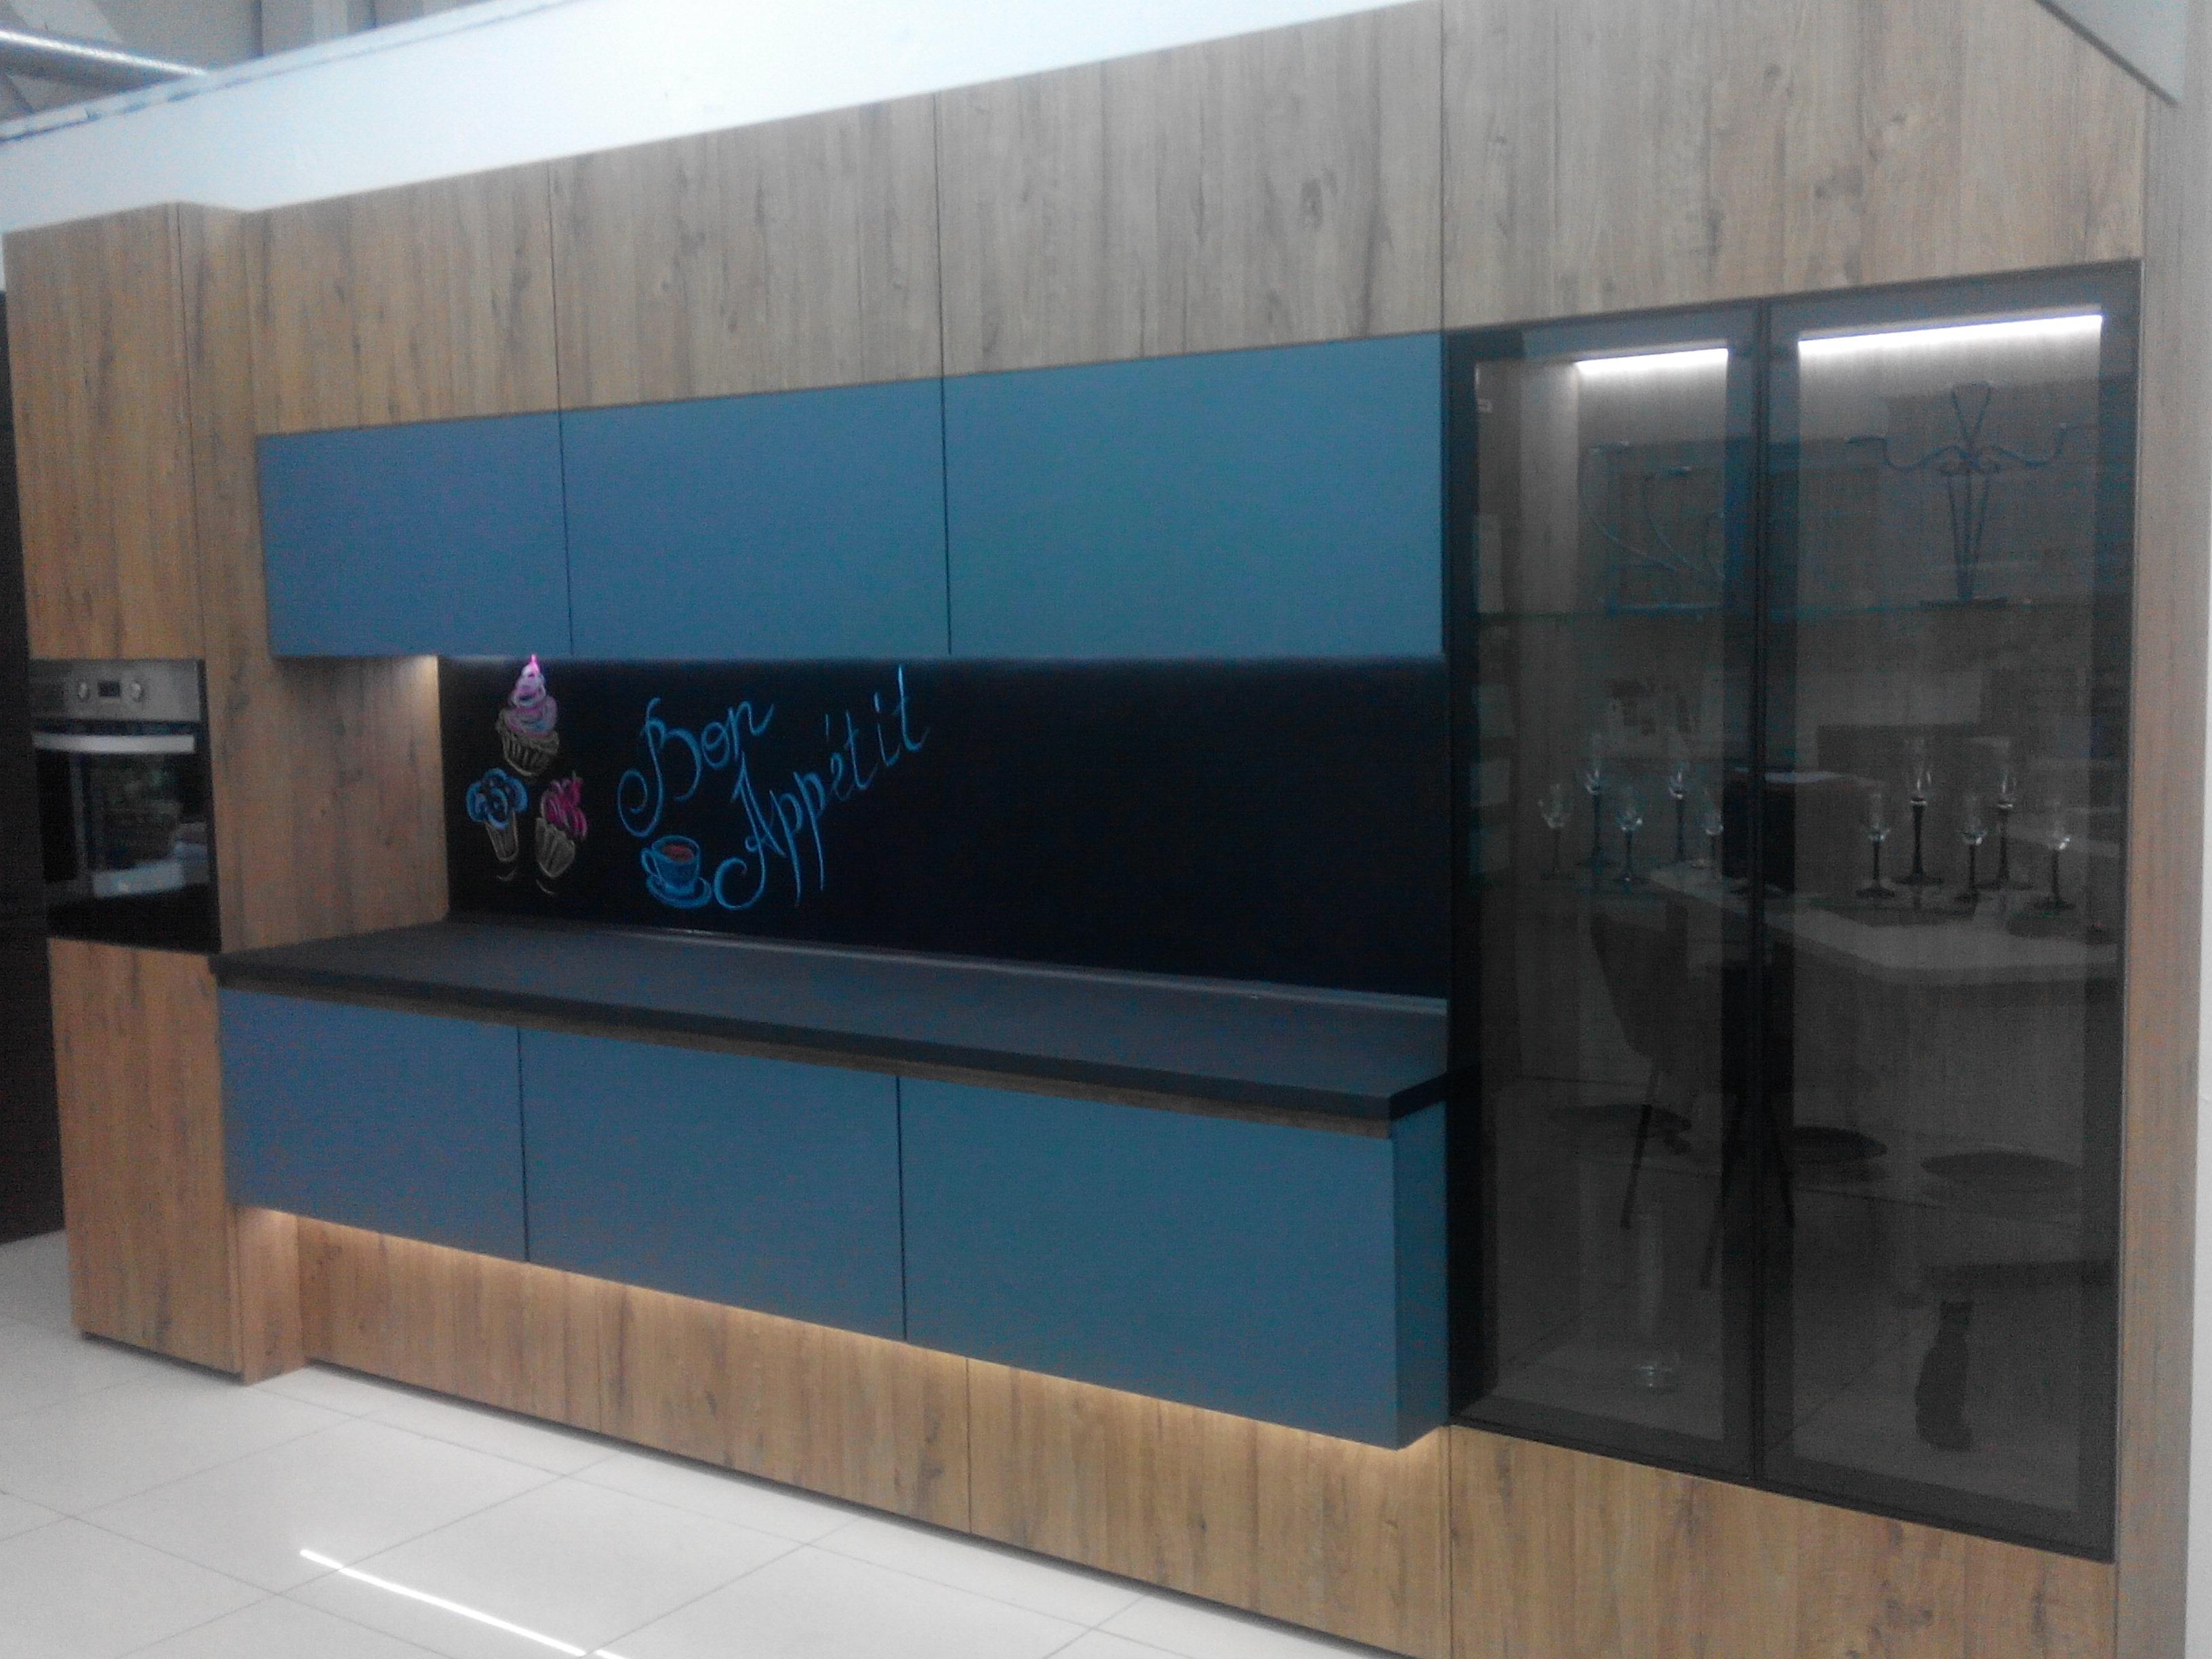 Кухня из стеклянных матовых мебельных фасадов от компании Sagrado